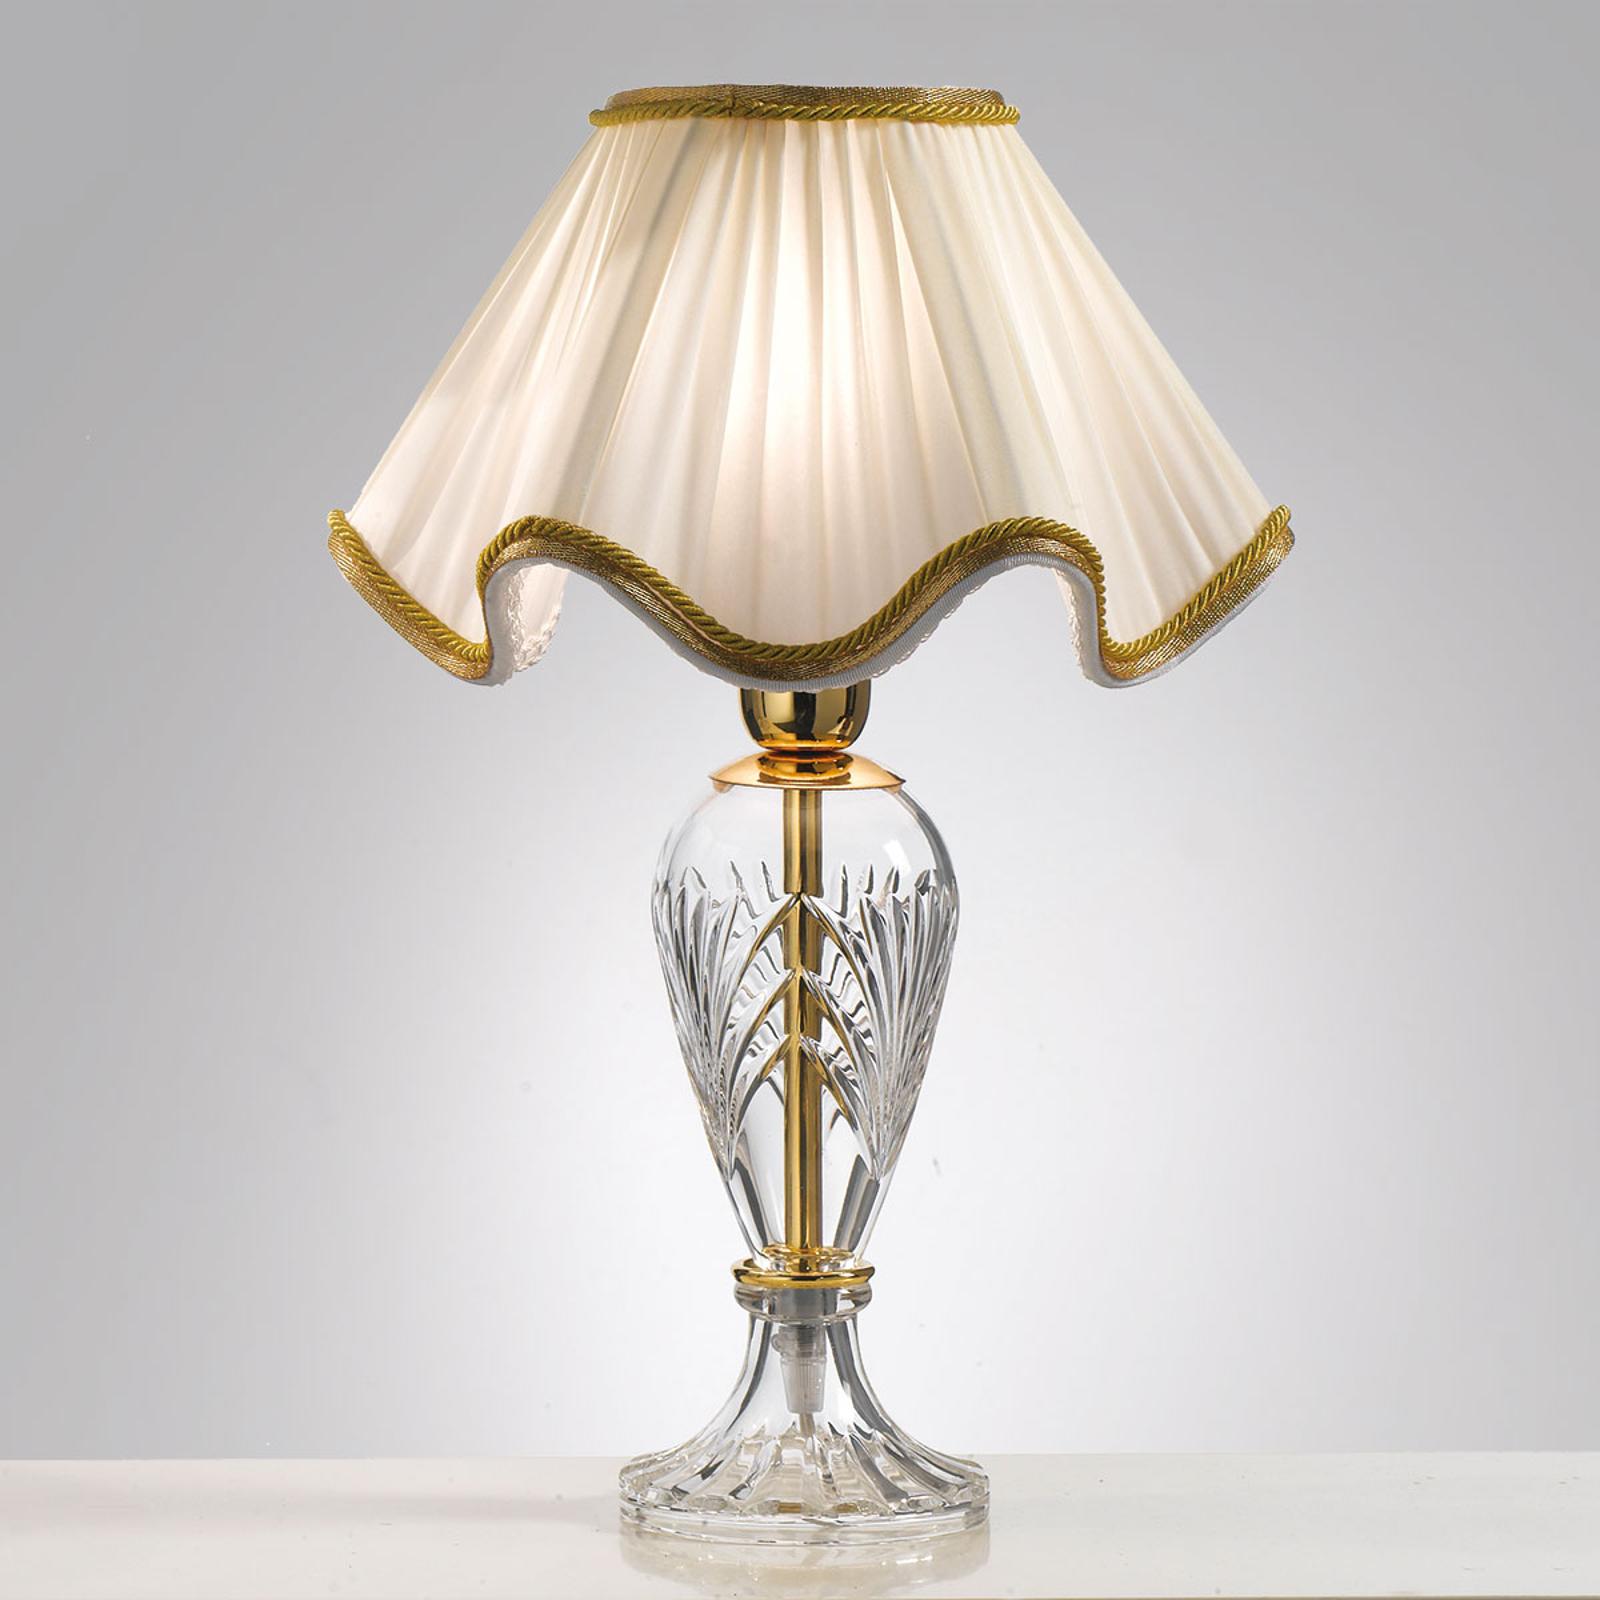 Lampe à poser merveilleuse Belle Époque 48 cm